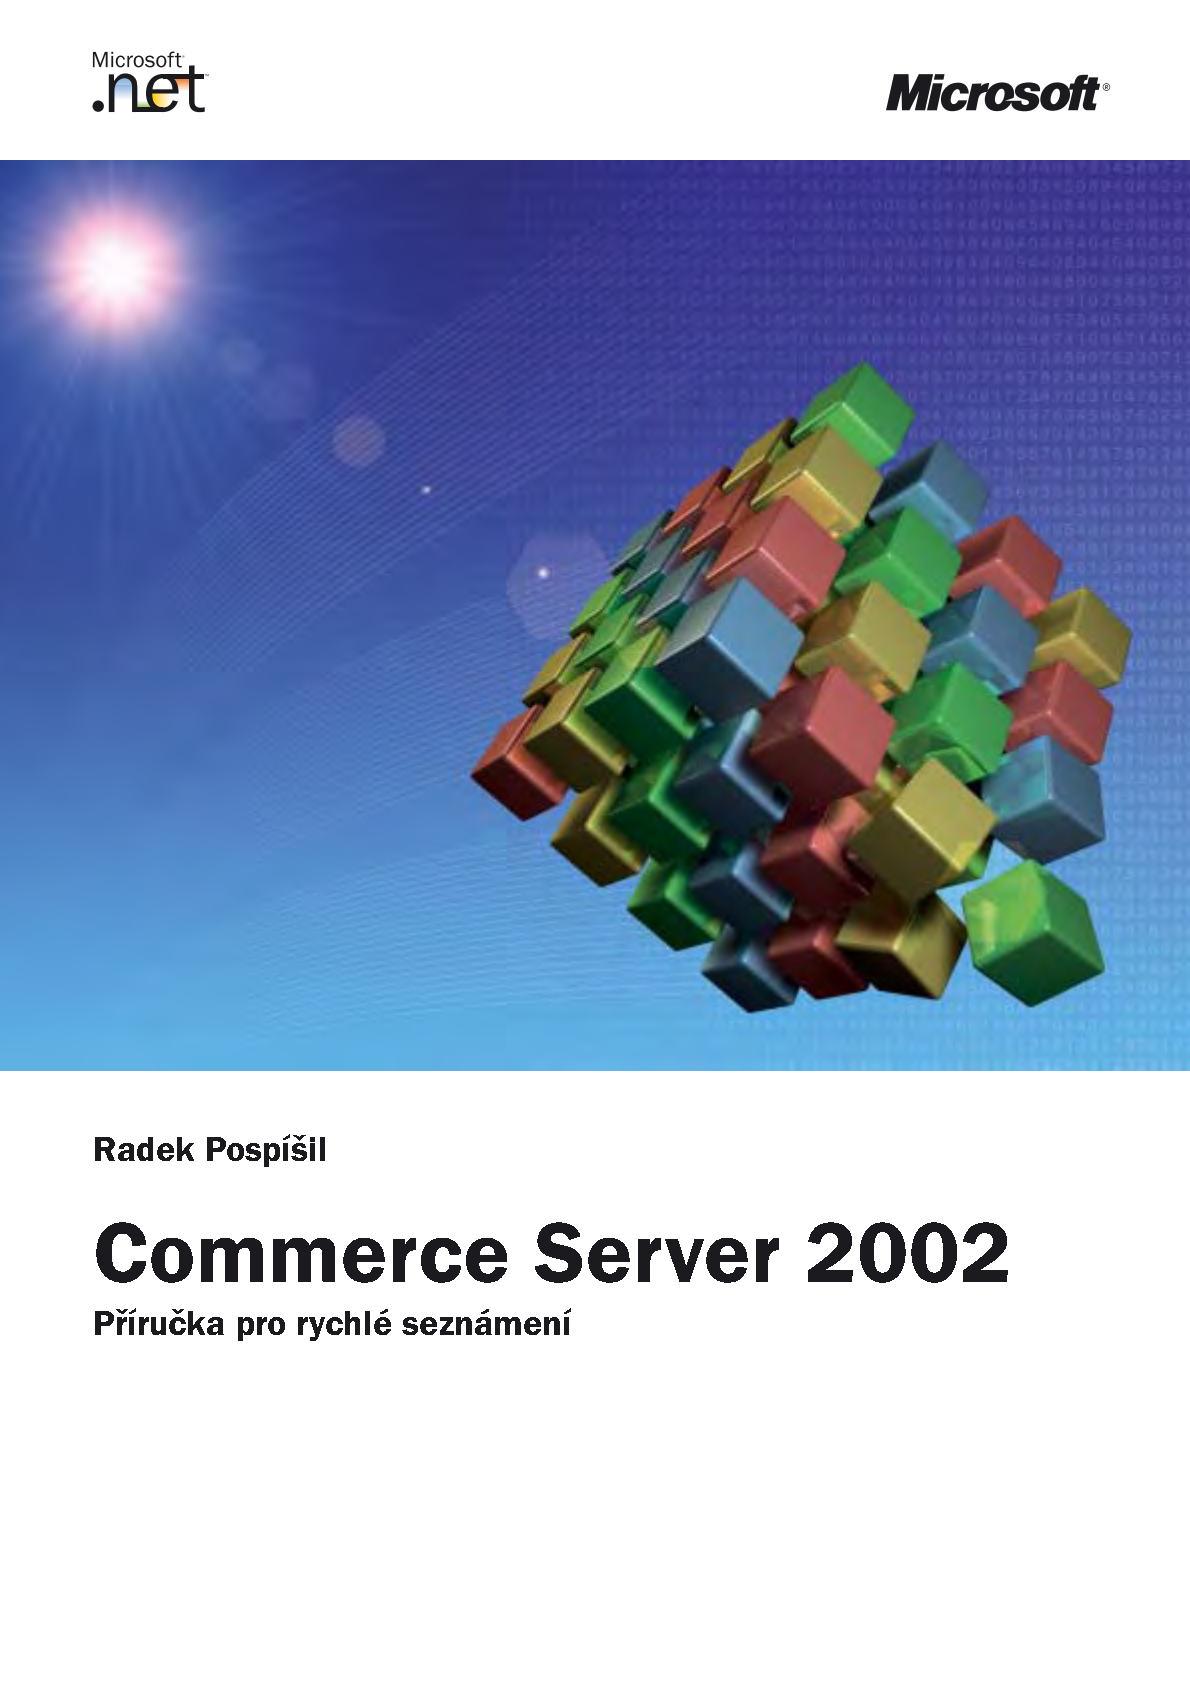 Commerce Server 2002